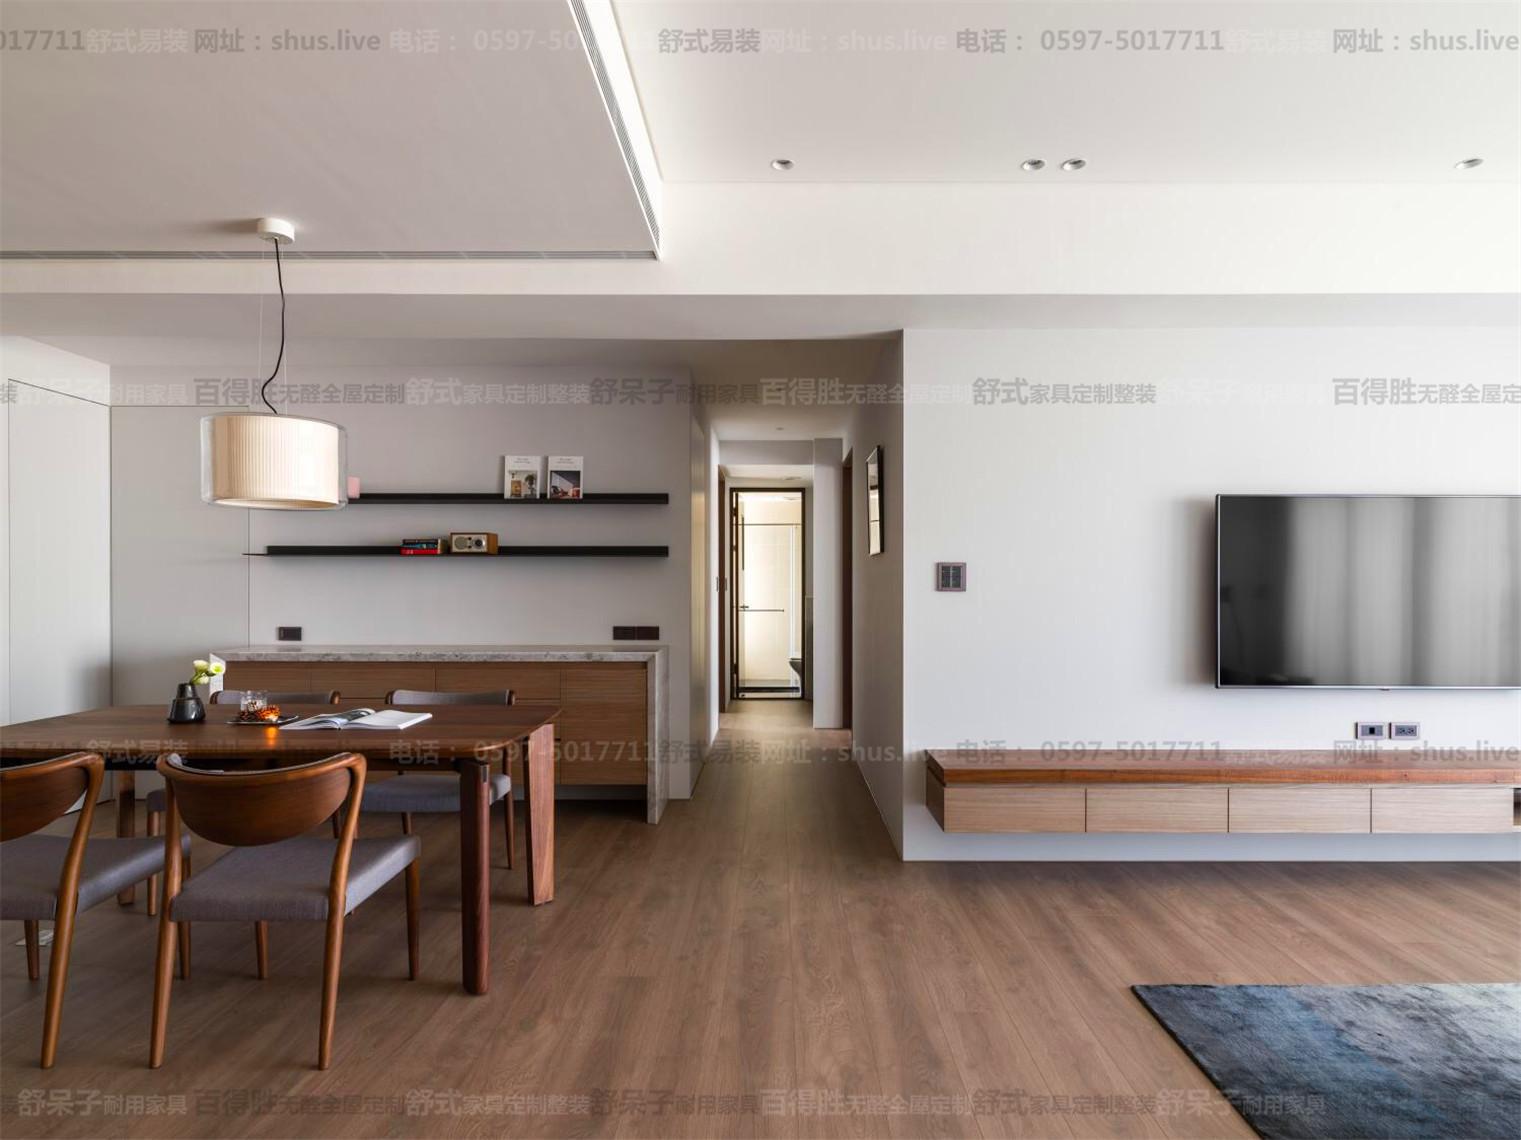 现代简约-全屋整装-舒式易装-更稳重的简约风格